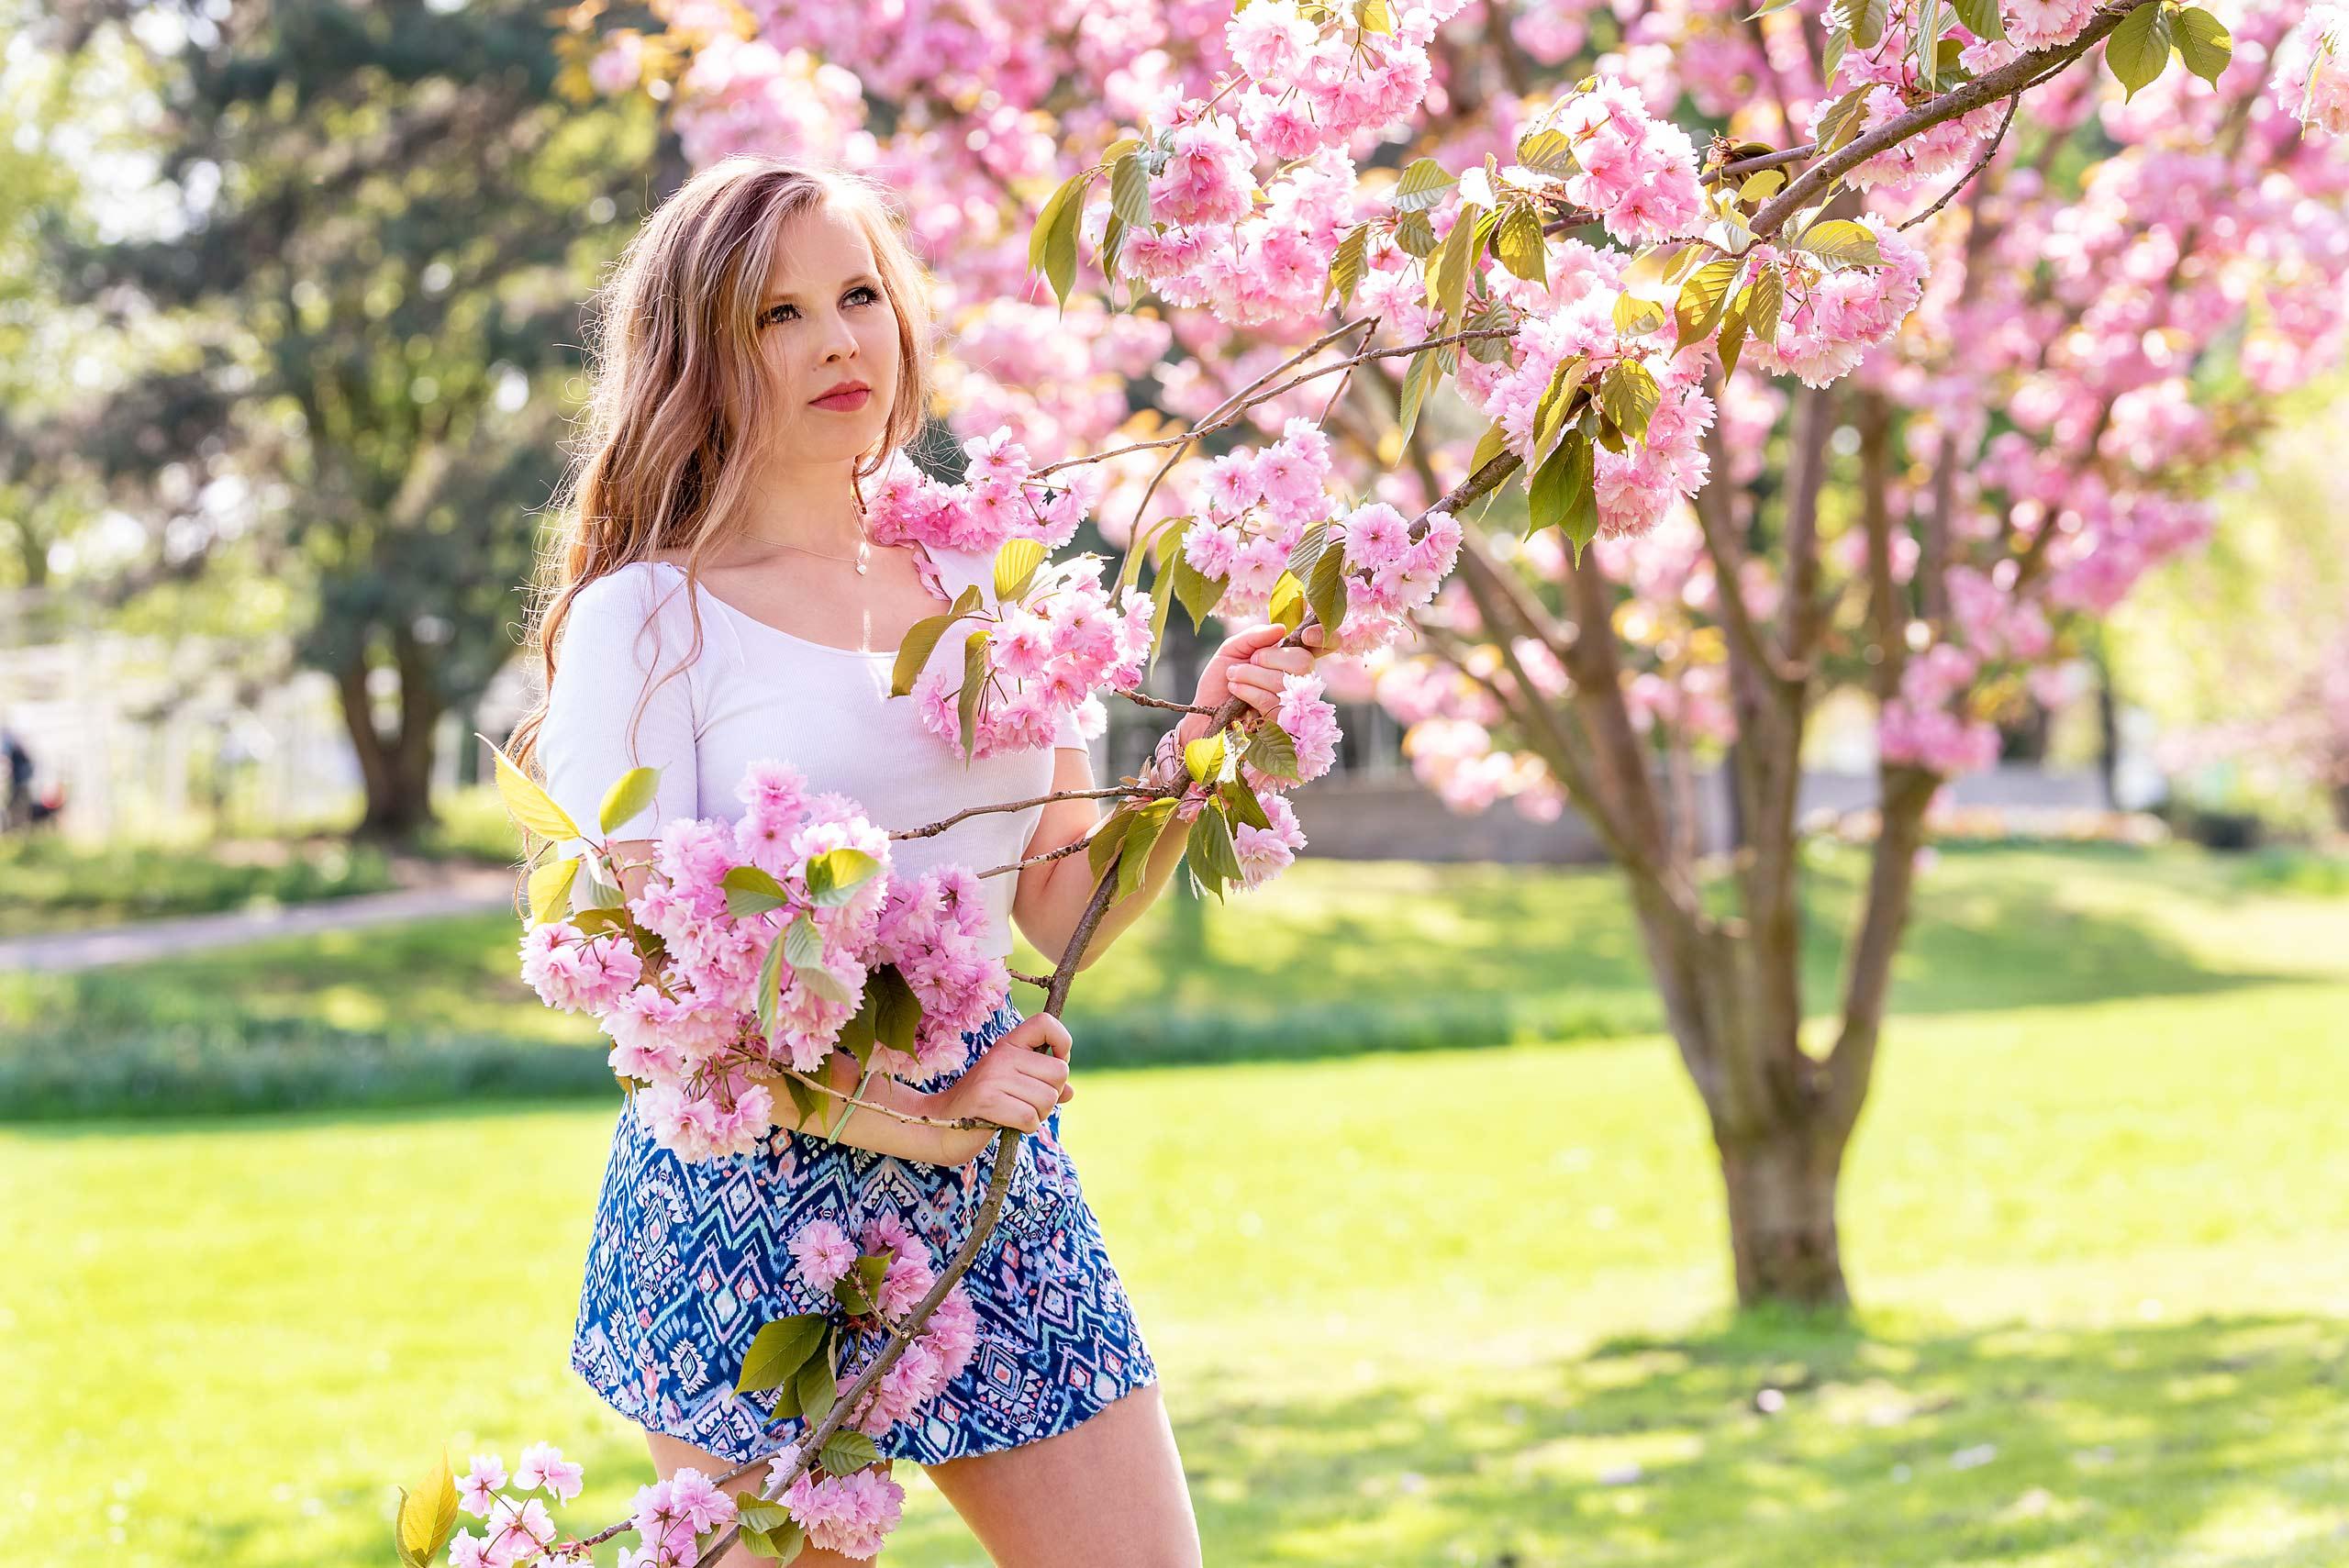 Kirschblüten Shooting